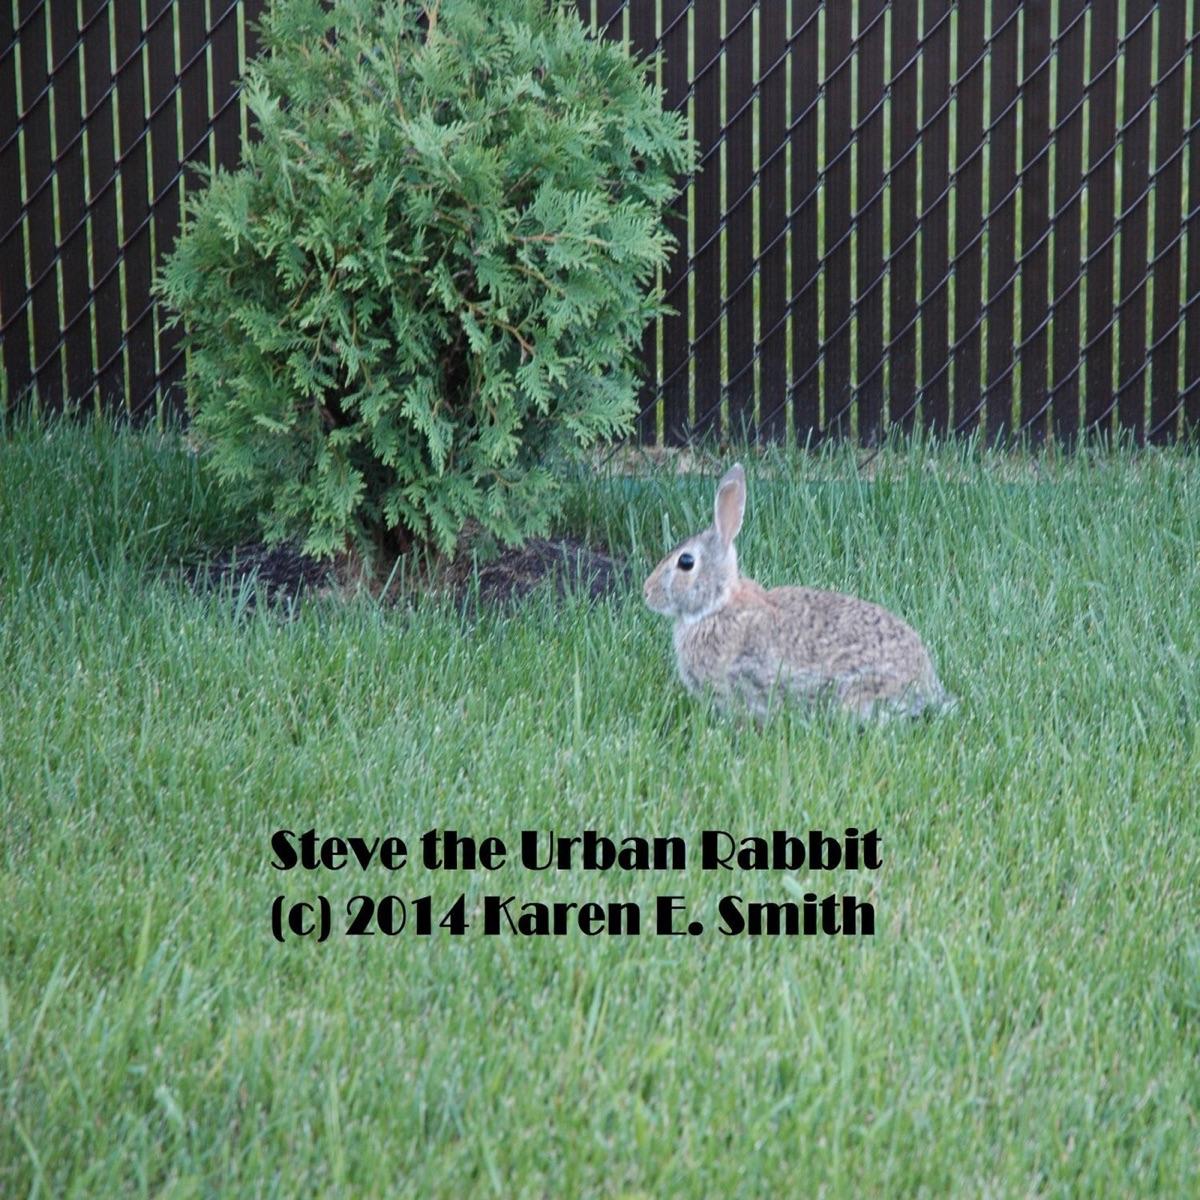 Steve the Urban Rabbit The Song - Single Karen E Smith CD cover